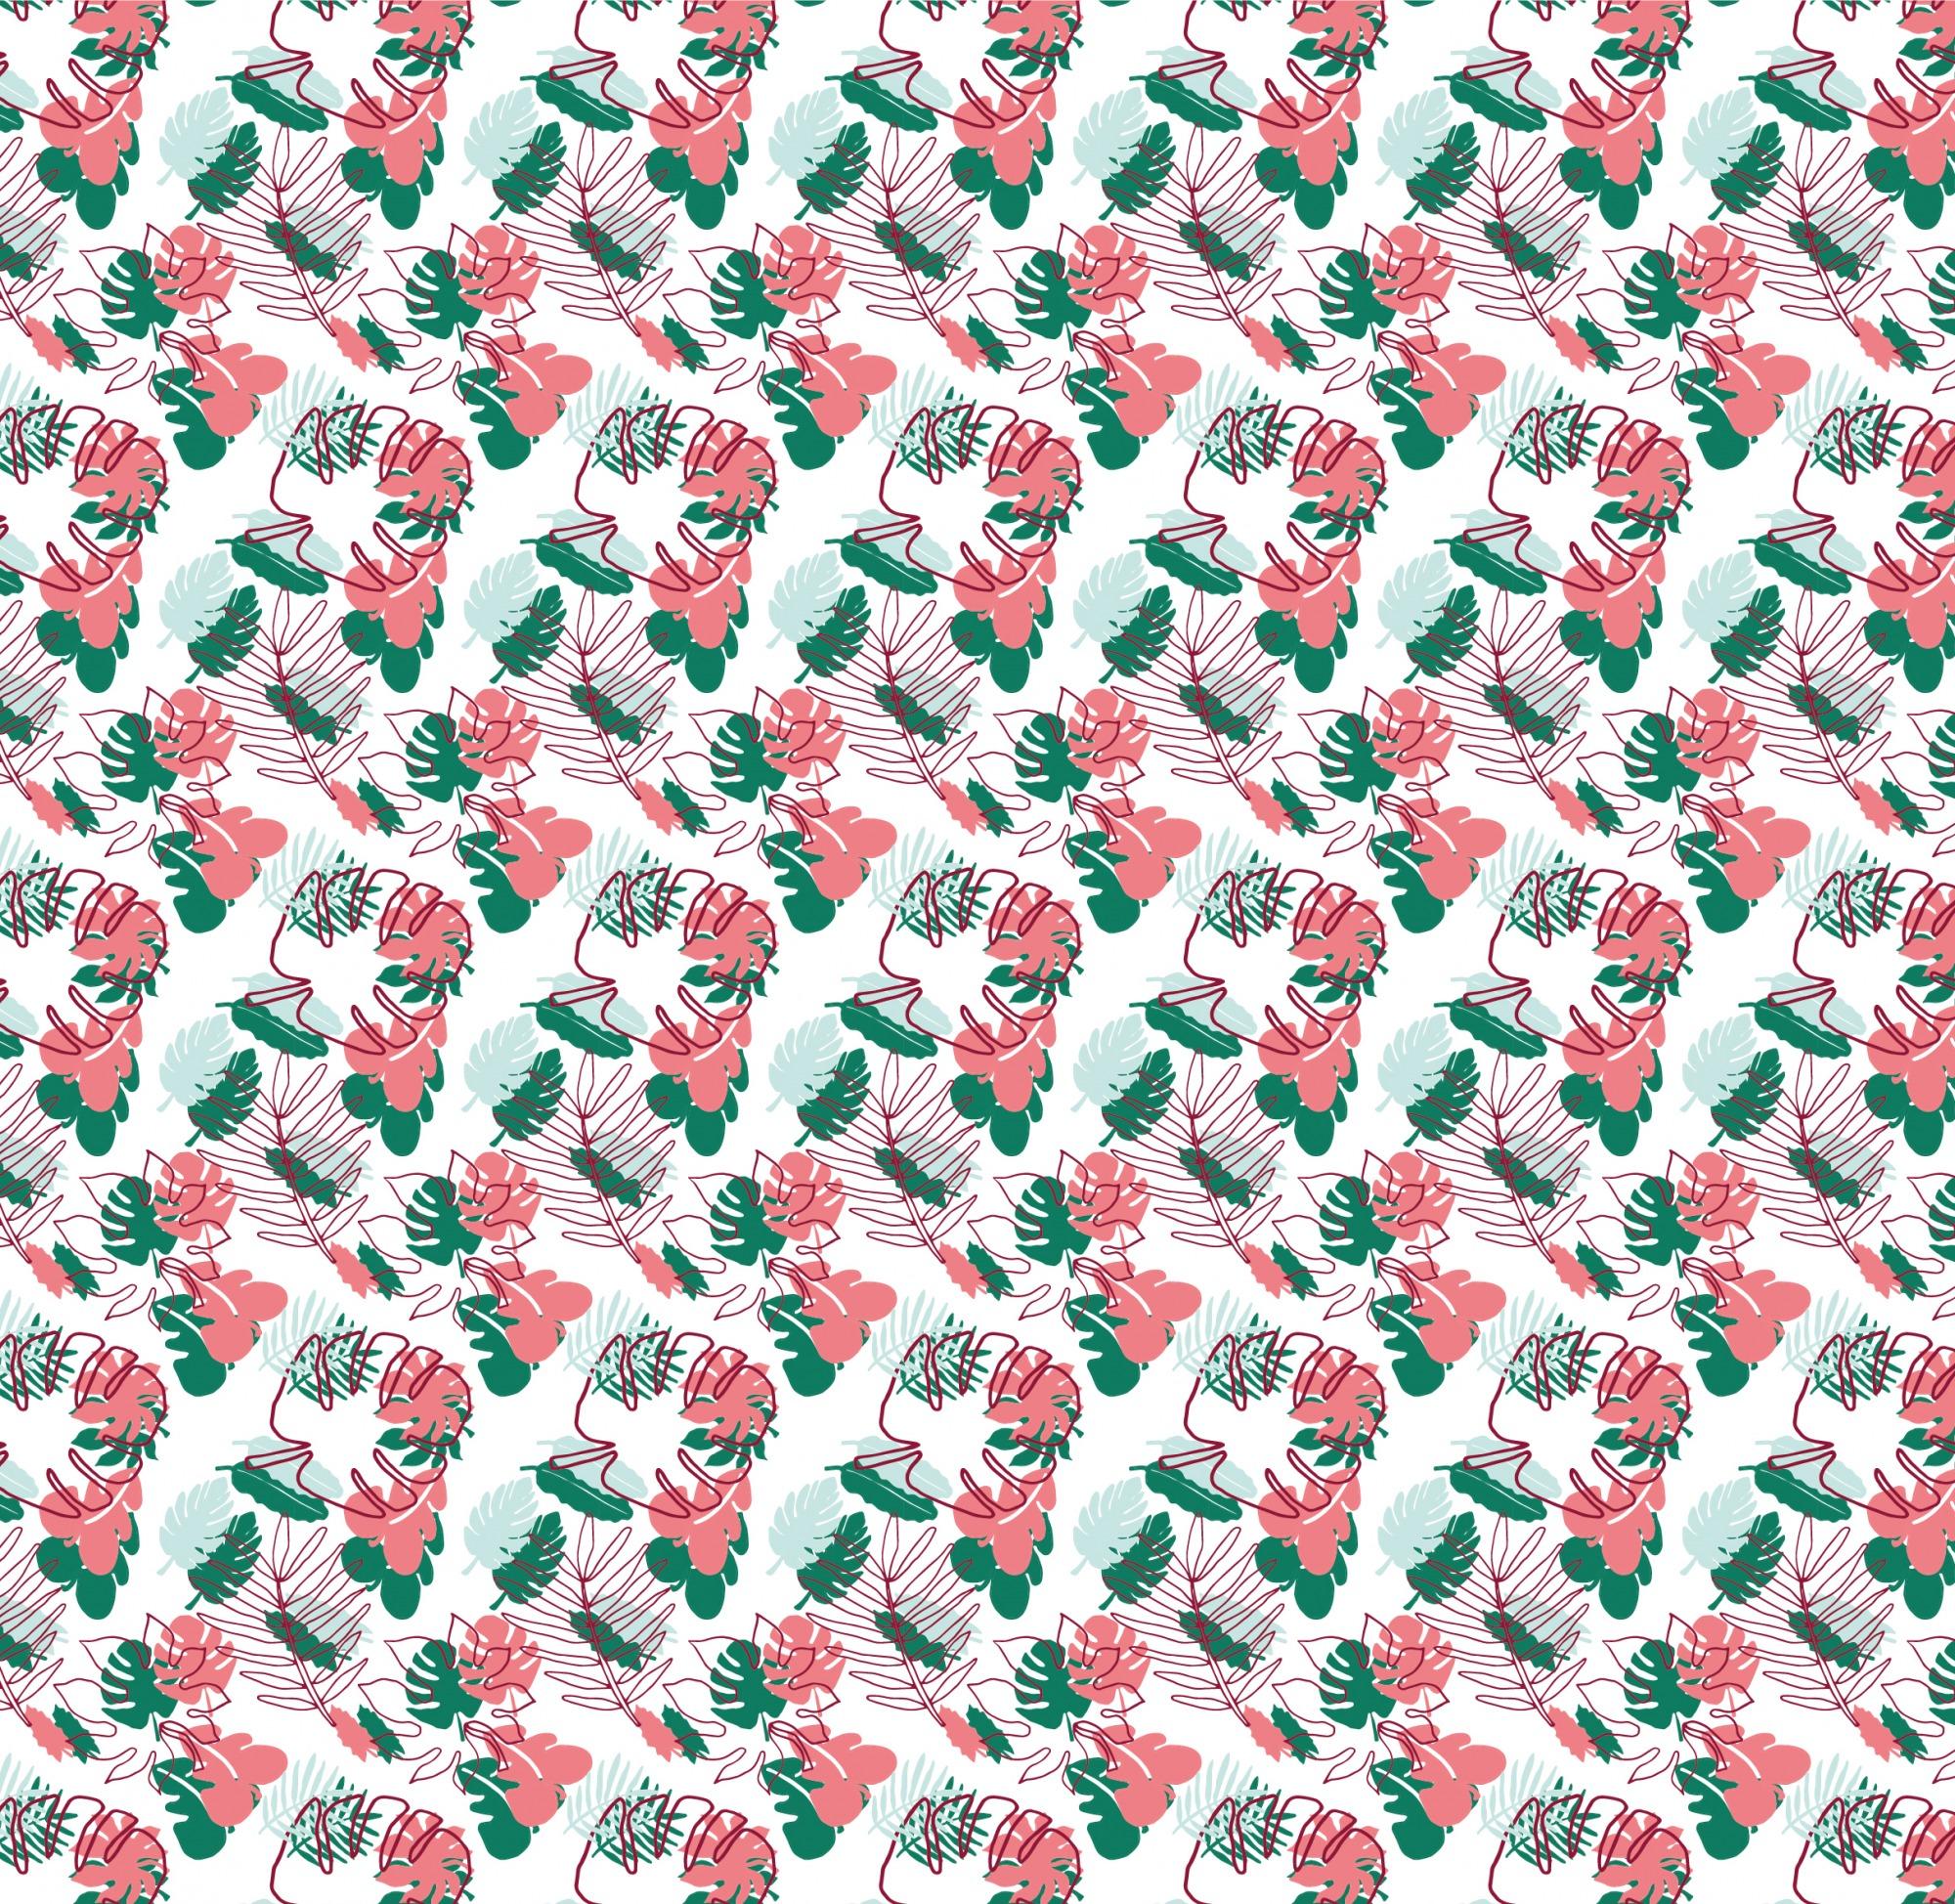 Motif fleuri, FL16, Votre motif - POP'Home, Pop Home, produits éco-responsables, produits éco-responsables français, produits éco-responsables made in France, produits personnalisés, produits personnalisés français, produits personnalisés made in France, produits personnalisables, produits personnalisables français, produits personnalisables made in France, produits made in France, produits français, textiles éco-responsables, textiles éco-responsables français, textiles éco-responsables made in France, textiles français, textiles made in France, textiles personnalisés, textiles personnalisés français, textiles personnalisés made in France, textiles personnalisables, textiles personnalisables français, textiles personnalisables made in France, motif enfantin, motif géométrique, motif abstrait, motif fleuri, motif figuratif, textiles à motifs, textile à motifs, produits à motifs, produit à motifs, produits à personnaliser, produits salle de bain, produits maison, produits salle de bain personnalisables, produits maison personnalisables, papeterie, papeterie personnalisable, papeterie personnalisé, cadeau personnalisé, idée cadeau, idée cadeau personnalisé, cadeau made in France, made in France, produit unique, produit écologique, décoration d'intérieur, motifs, objet unique, objet personnalisé, objet personnalisable, objet made in France, produit made in France, produits écologiques, objets écologiques, créatrice française, designer, Eloïse Abadia-Pacitti